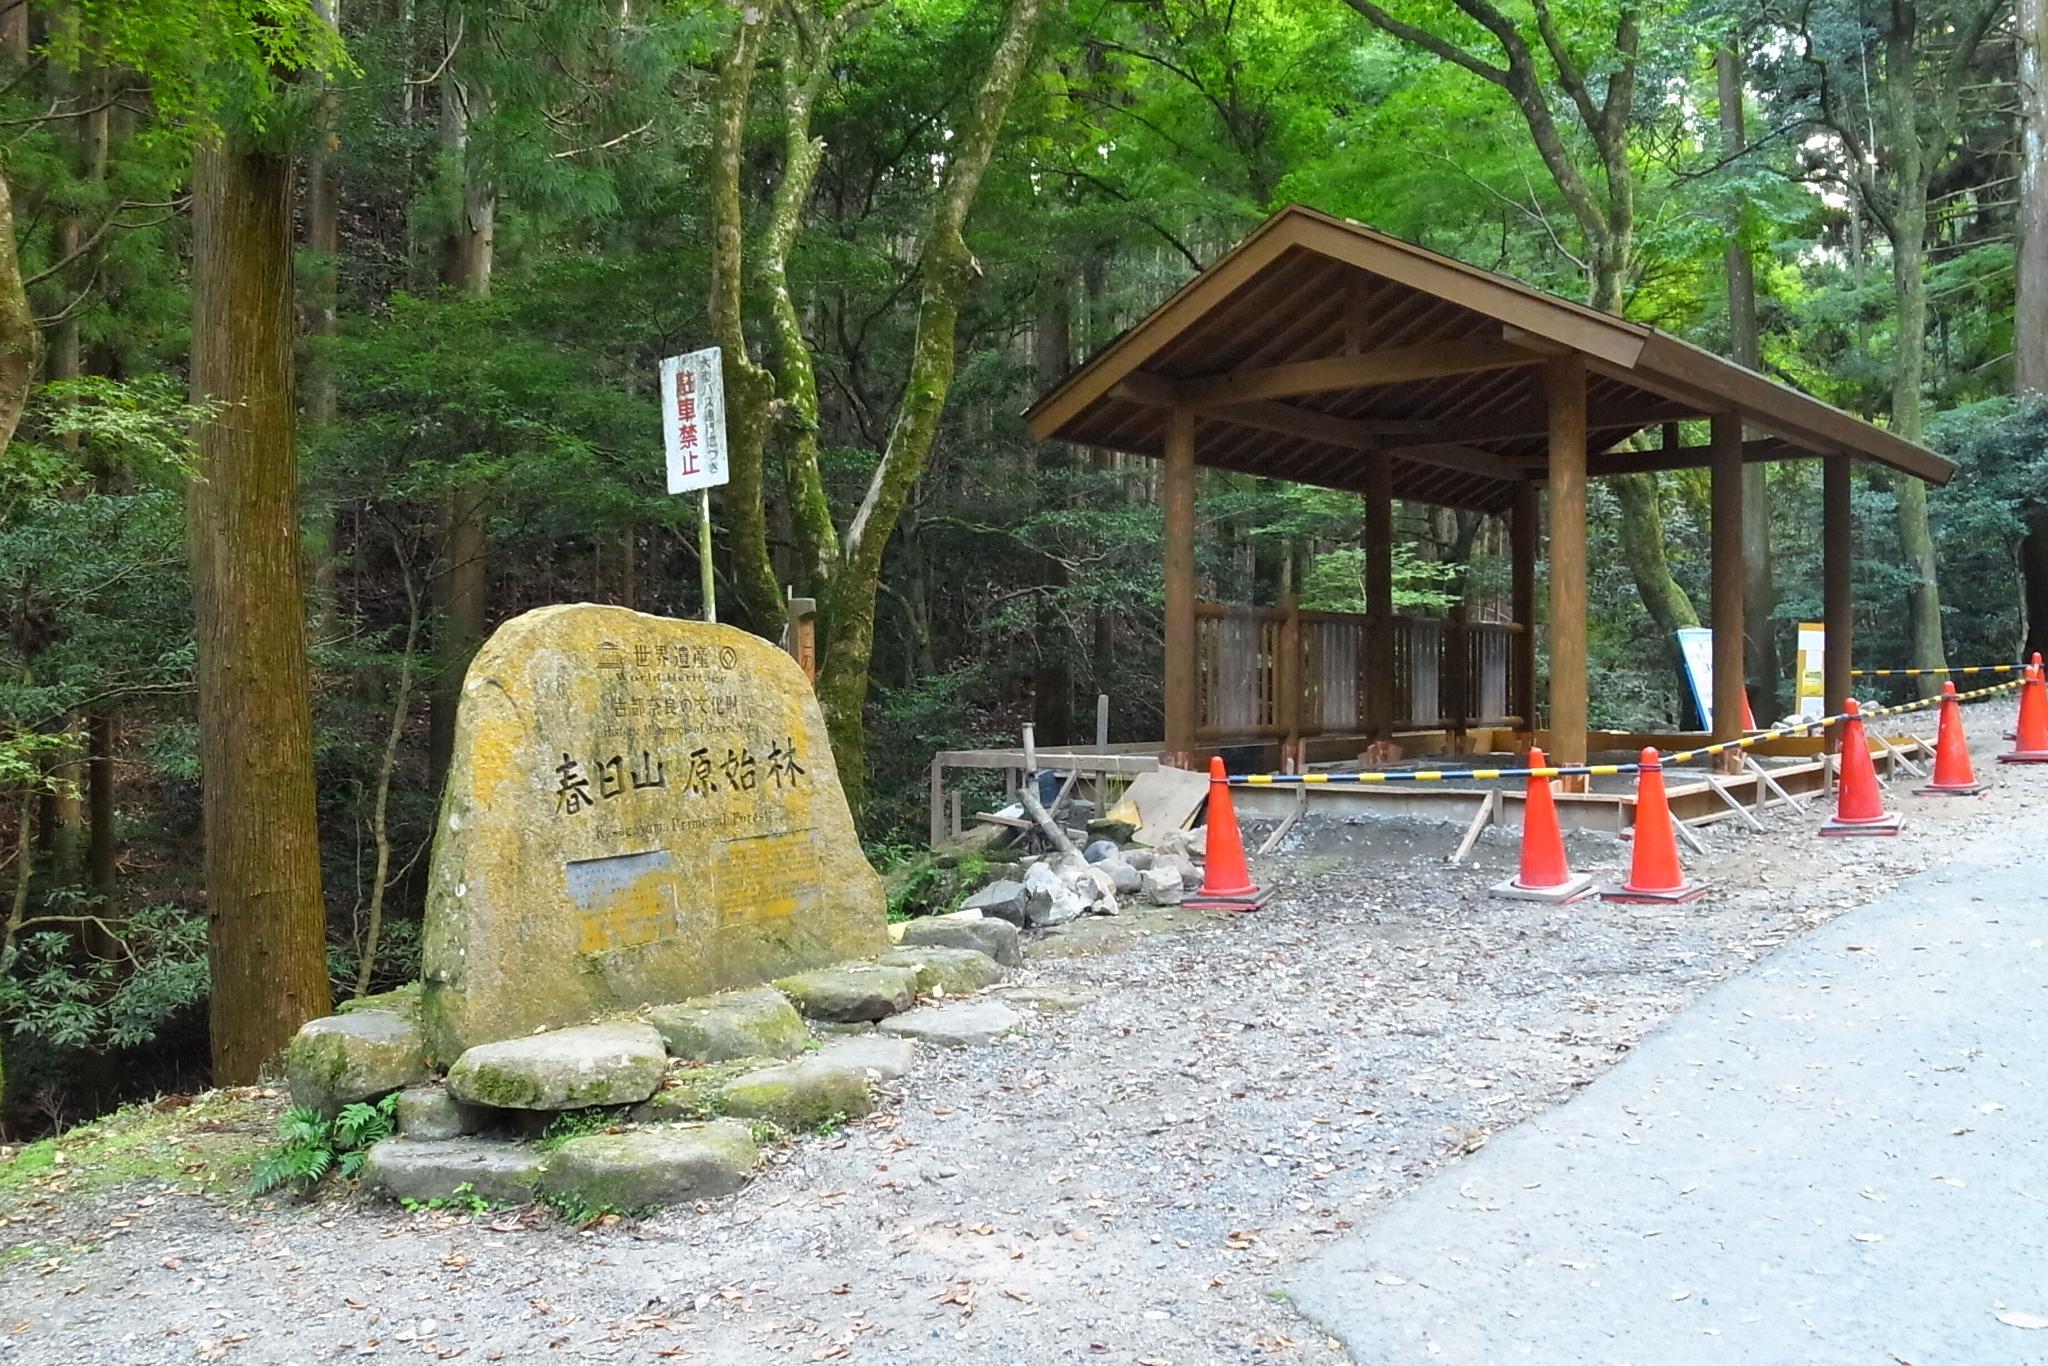 若草山手前にある春日山原始林の石碑。隣に休憩所を建ててました。緑に囲まれてゆっくりできそうですね。